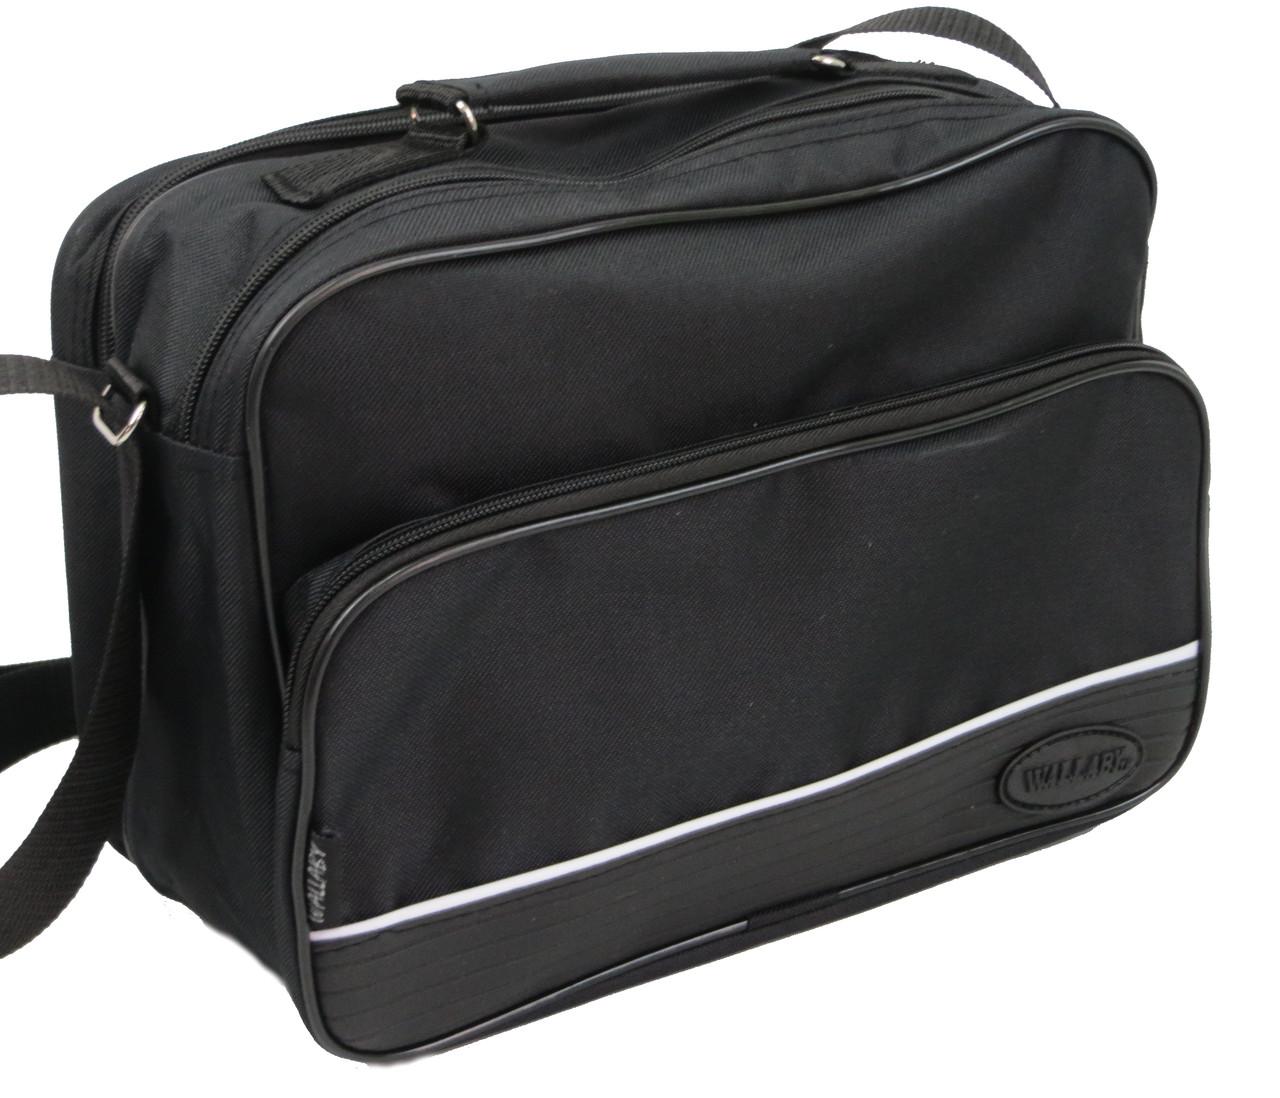 Практичная сумка мужская  из полиэстера Wallaby 2130 черная